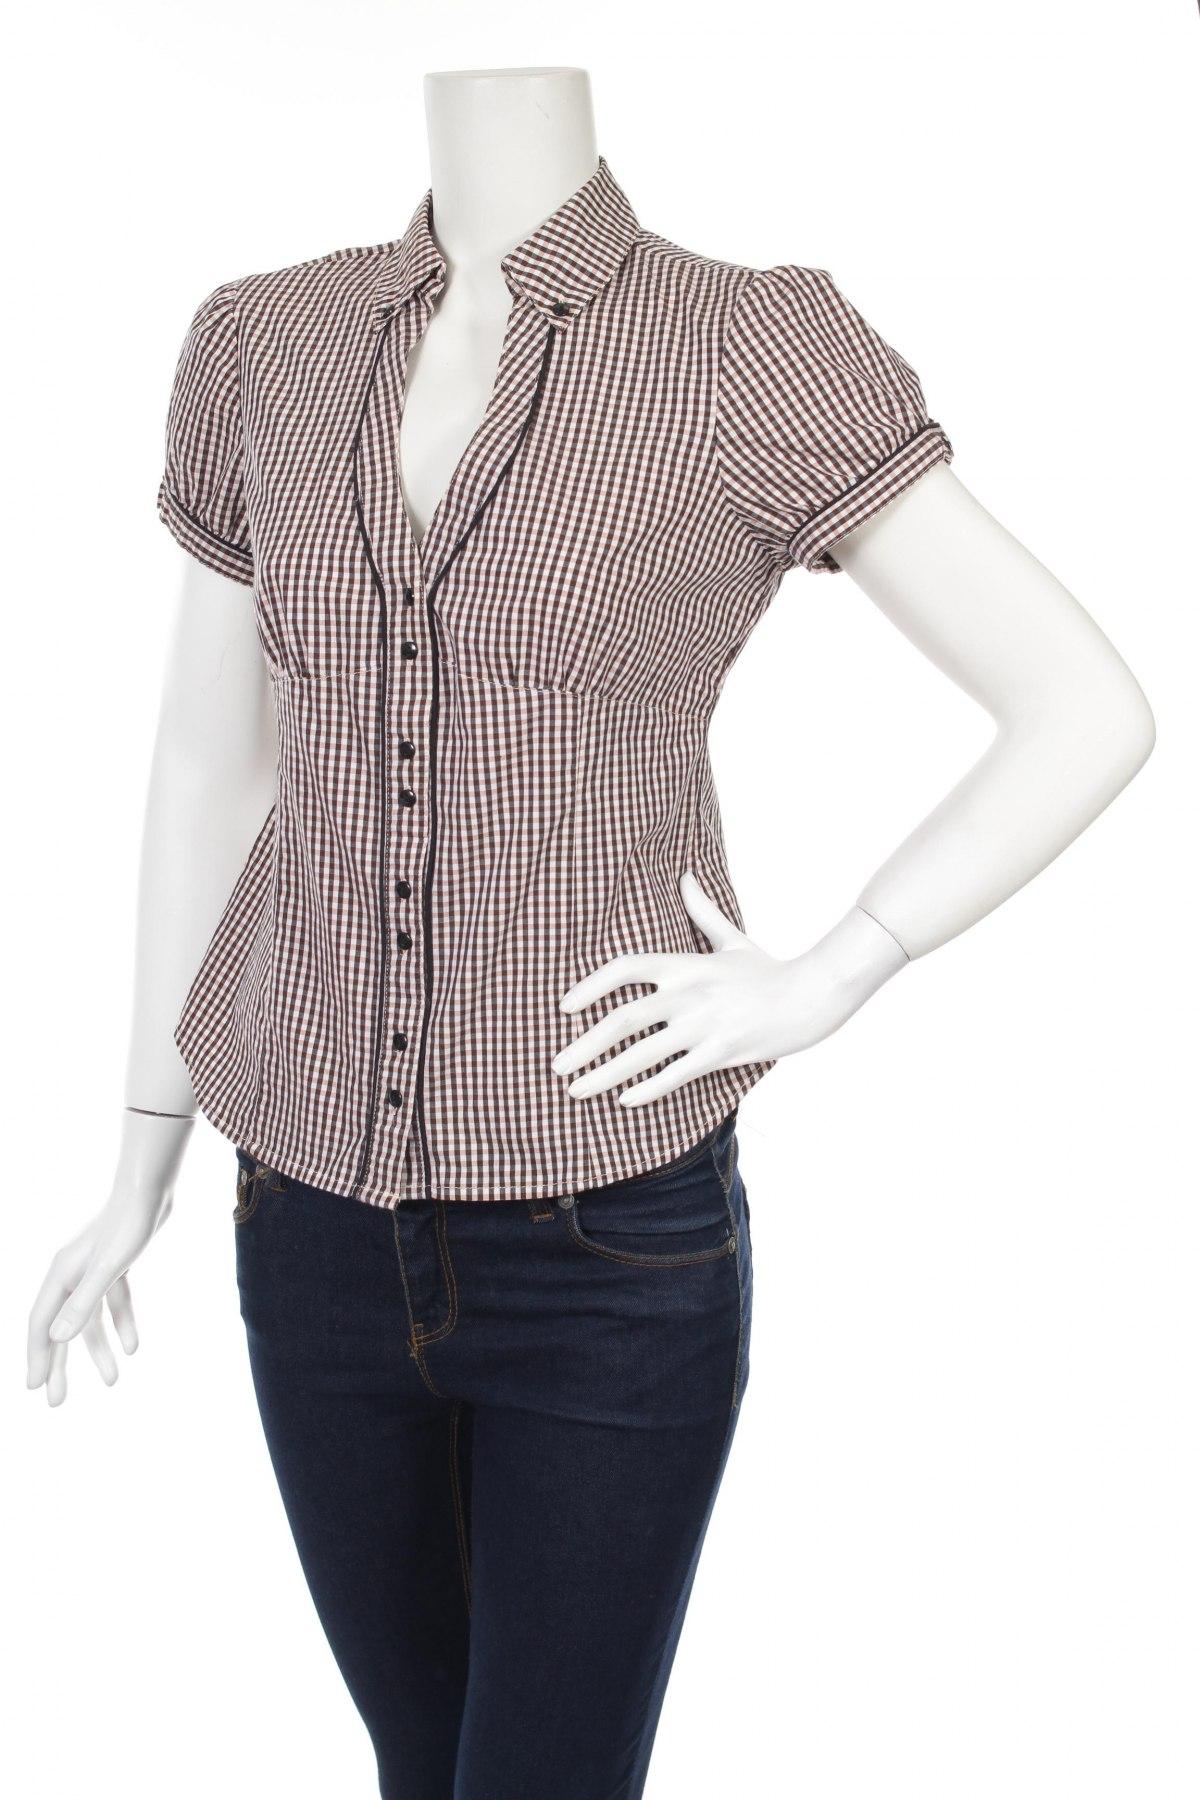 Γυναικείο πουκάμισο Tally Weijl, Μέγεθος L, Χρώμα Πολύχρωμο, 64% βαμβάκι, 31% πολυεστέρας, 5% ελαστάνη, Τιμή 13,13€